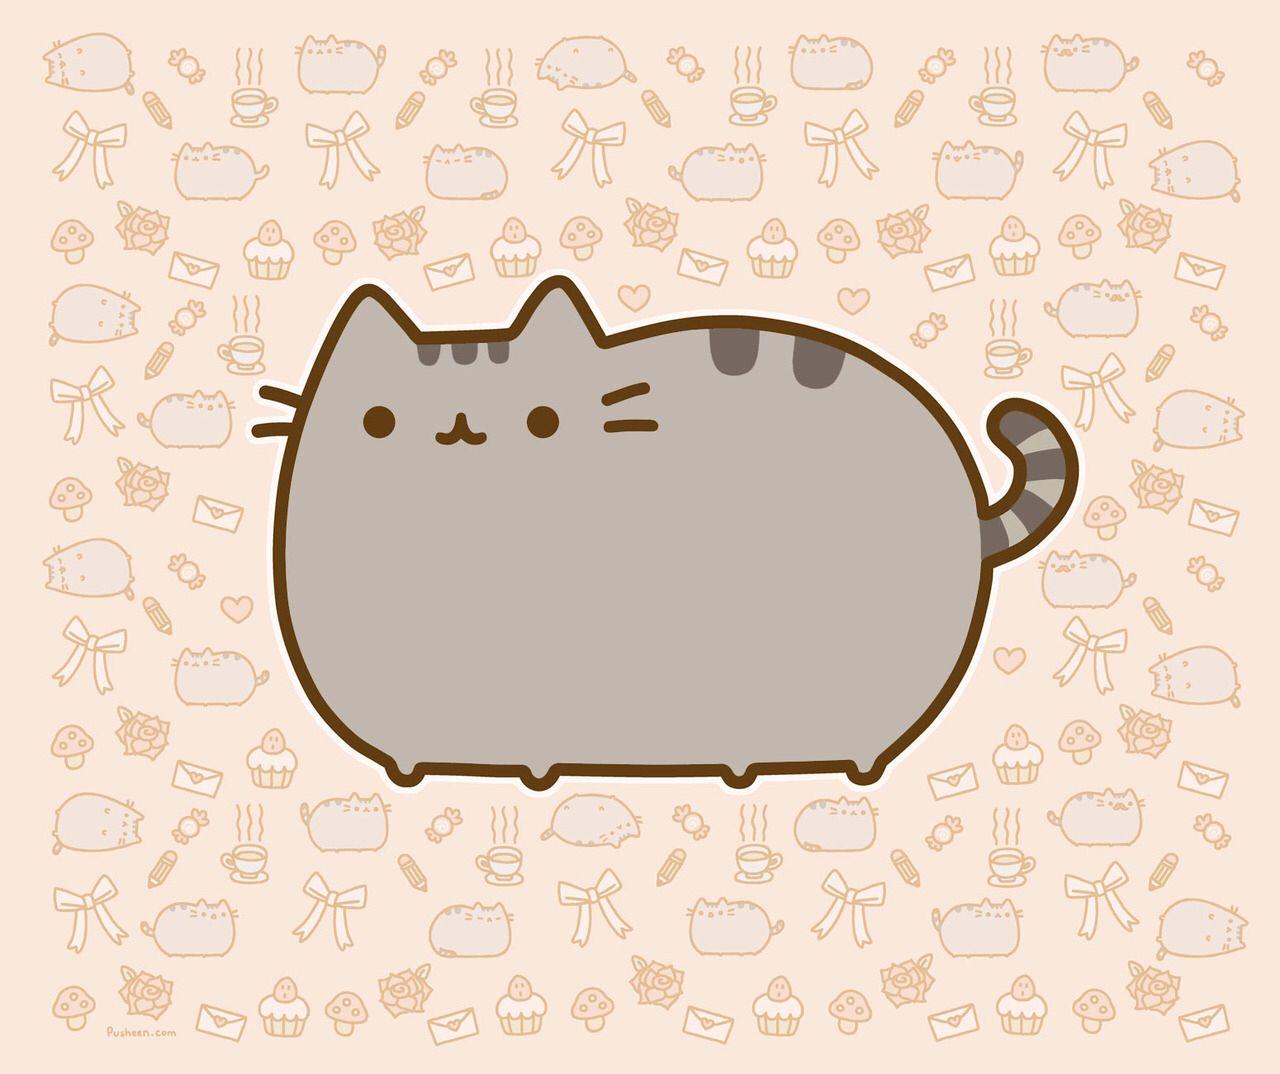 Wallpaper For Ipad Pusheen Pusheen Pusheen Cute Pusheen Cat